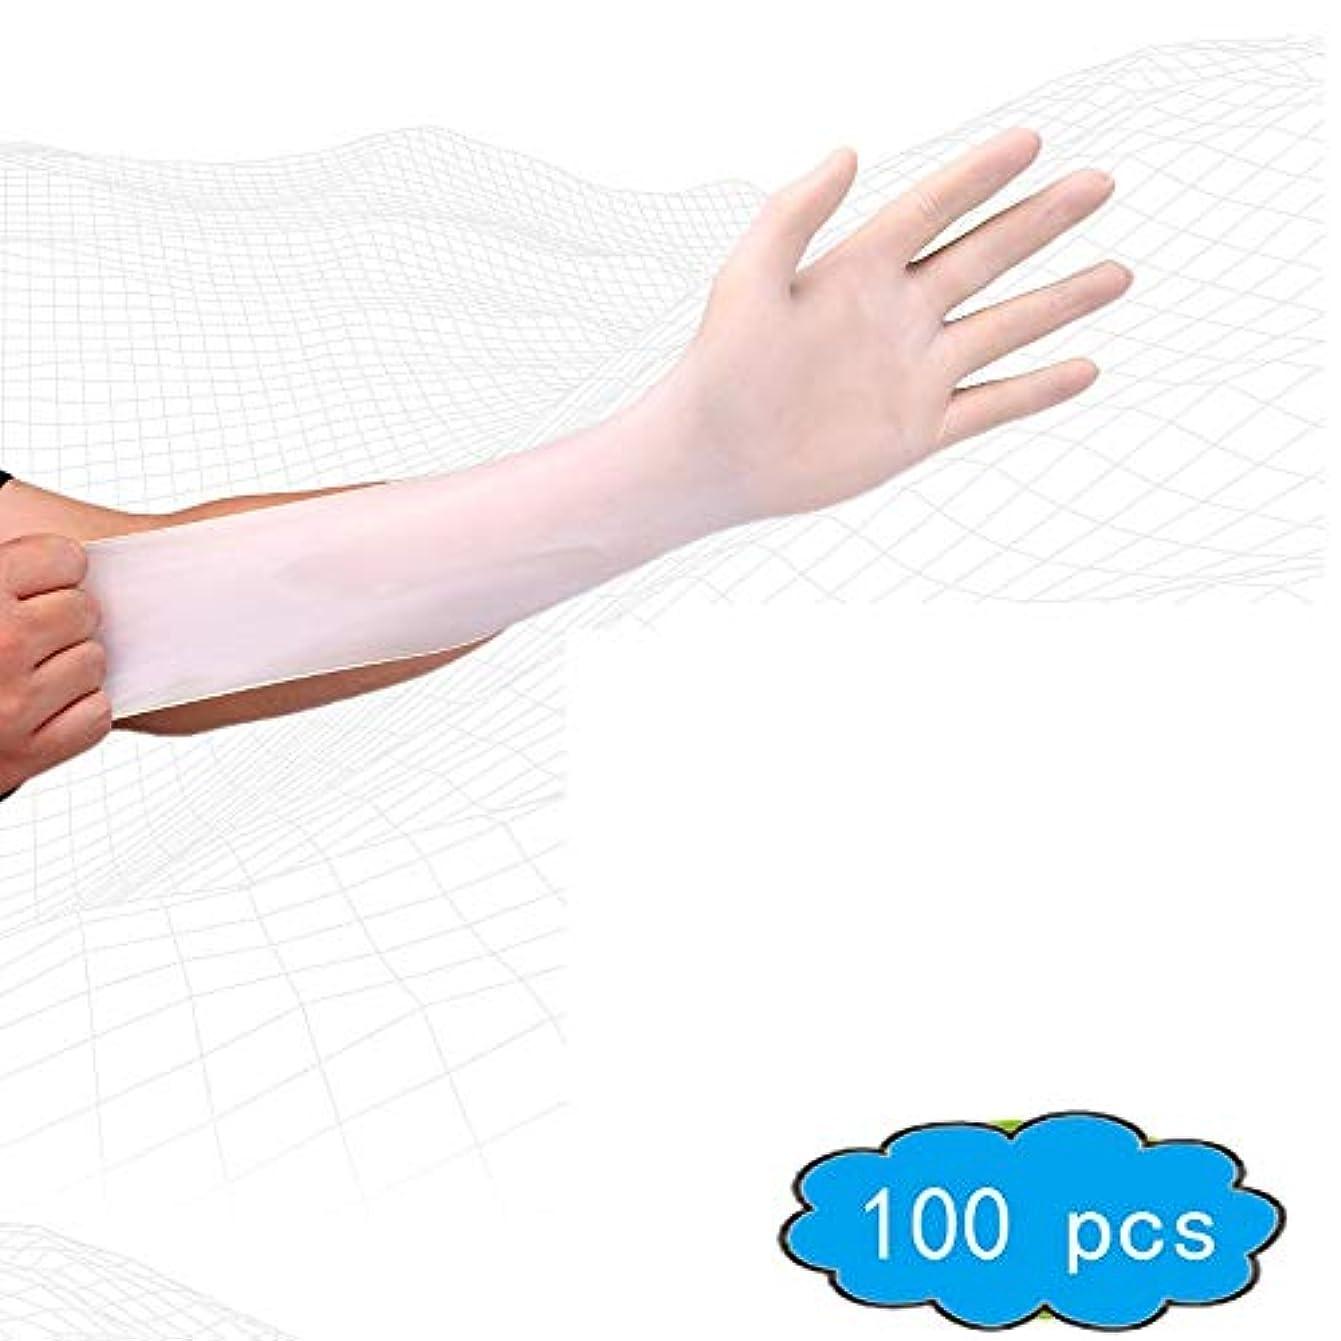 帳面オフ勇気のある使い捨てラテックス手袋、パウダーなし/ポックマーク/左手および右手、100箱、厚手、食品グレード、実験室、電子機器、ケータリング、高弾性手袋 (Color : Beige, Size : XS)